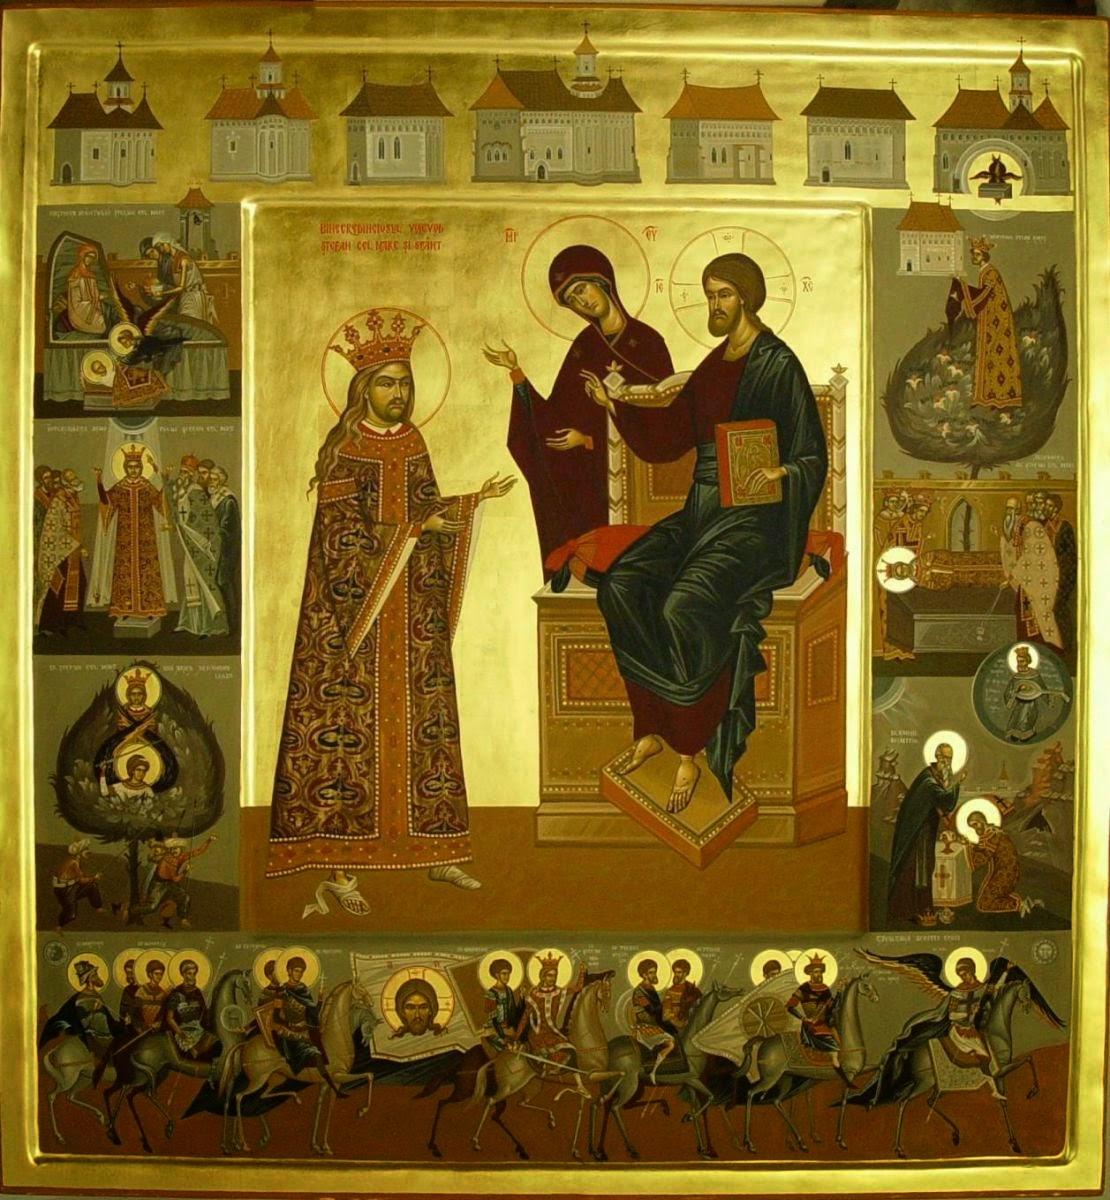 Η κάρα του Οσίου Συμεών του Θαυμαστορείτου ή Νέου Στυλίτου http://leipsanothiki.blogspot.be/